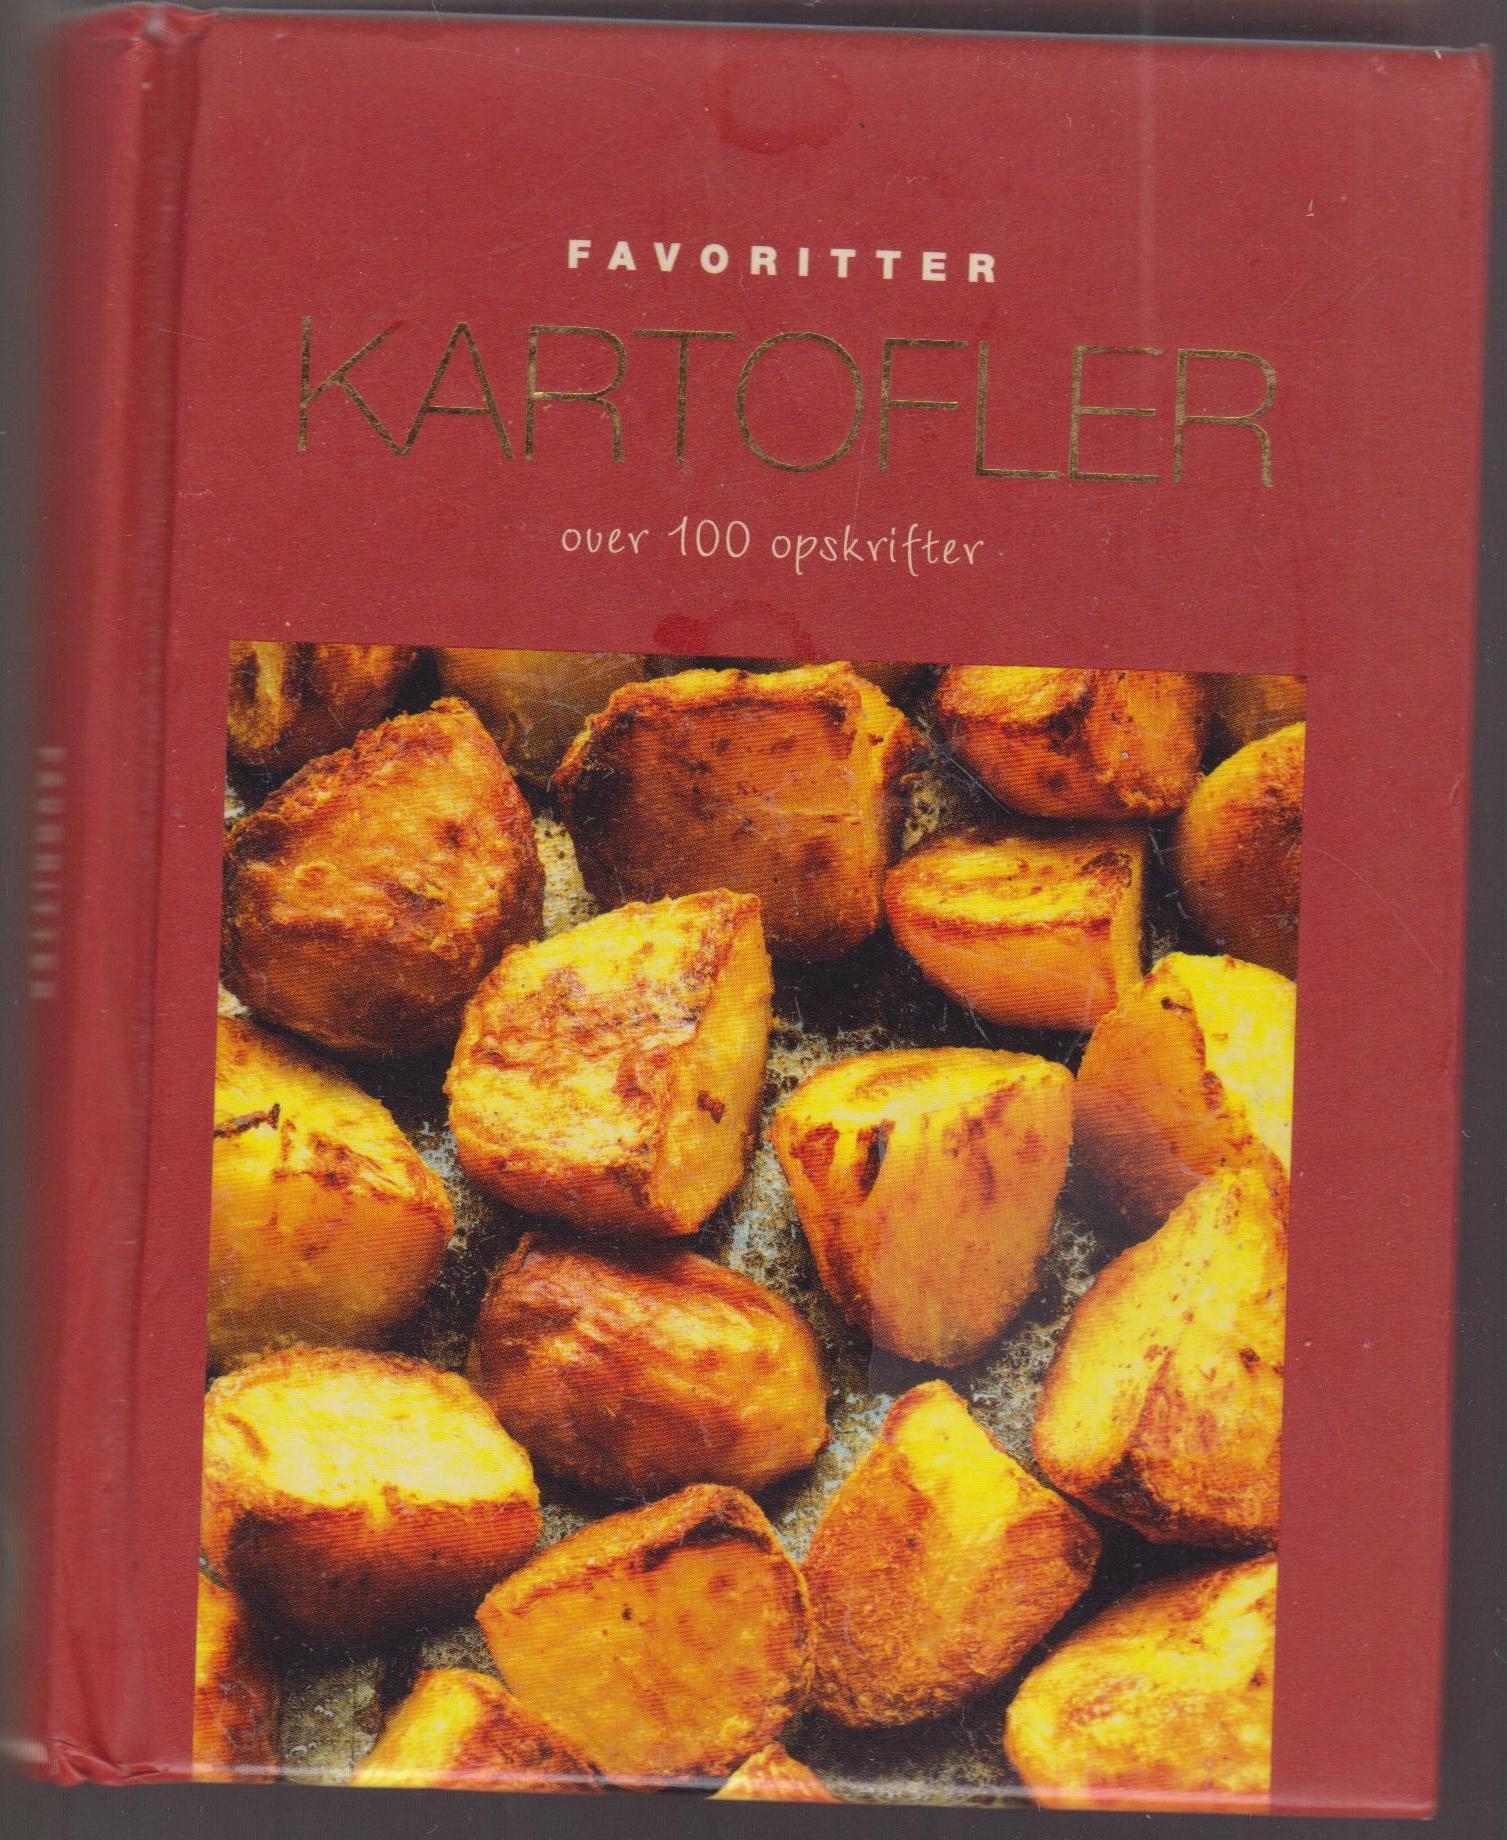 FAVORITTER KARTOFLER - OVER 100 OPSKRIFTER